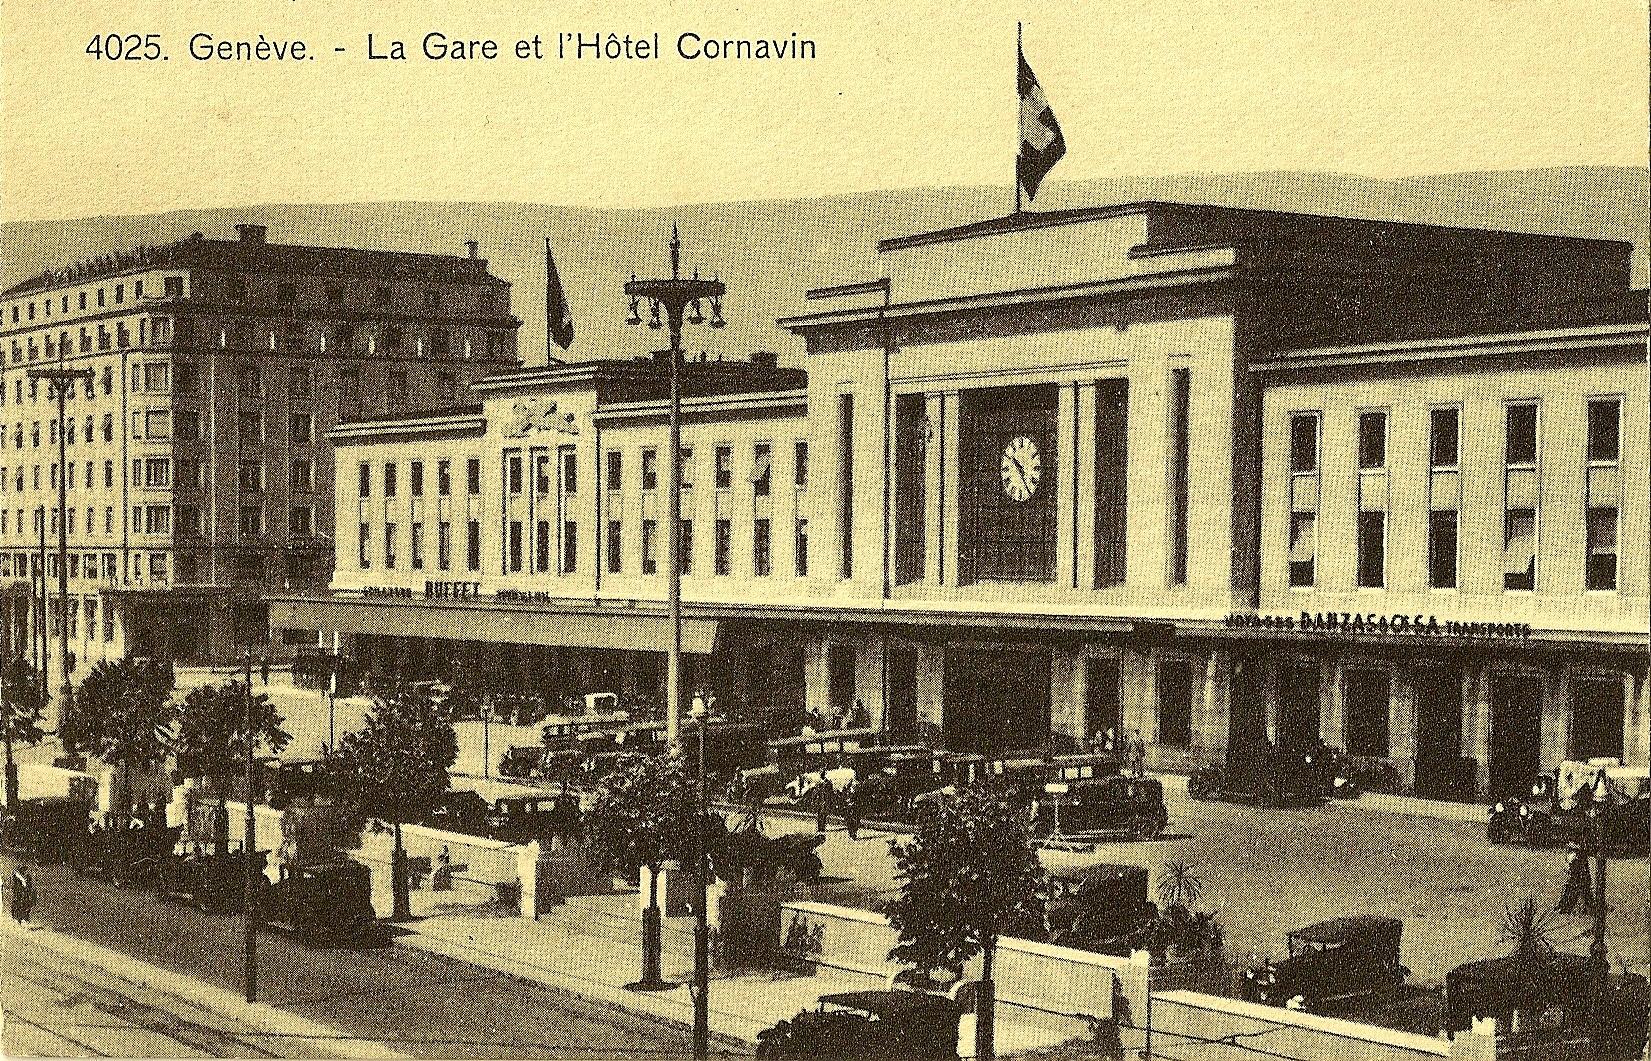 La Gare et l'Hôtel Cornavin